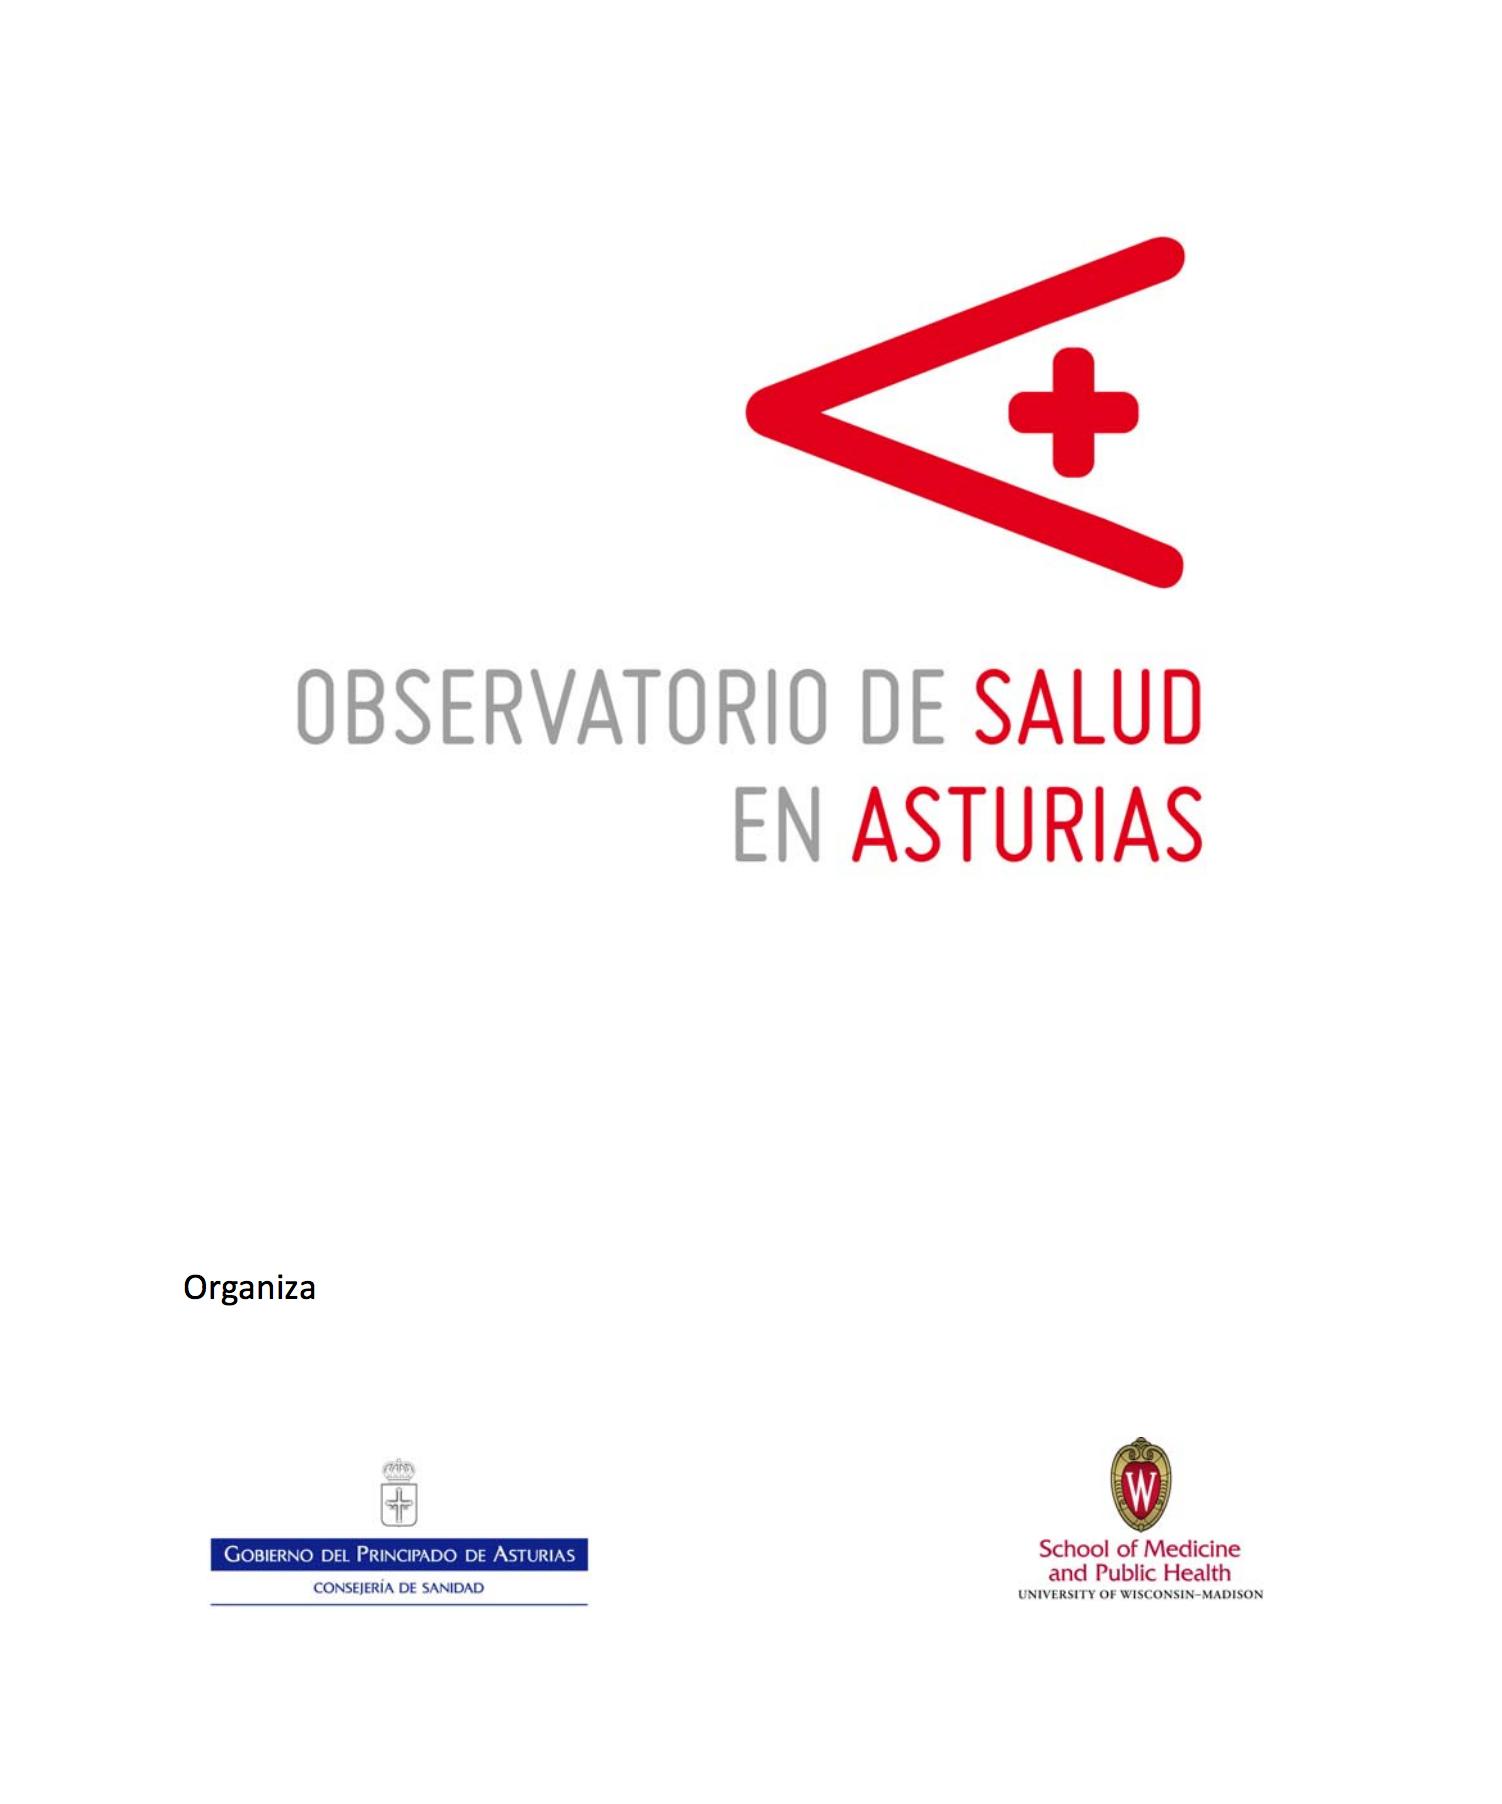 Observatorio De Salud En Asturias Observatorio De Salud De Asturias